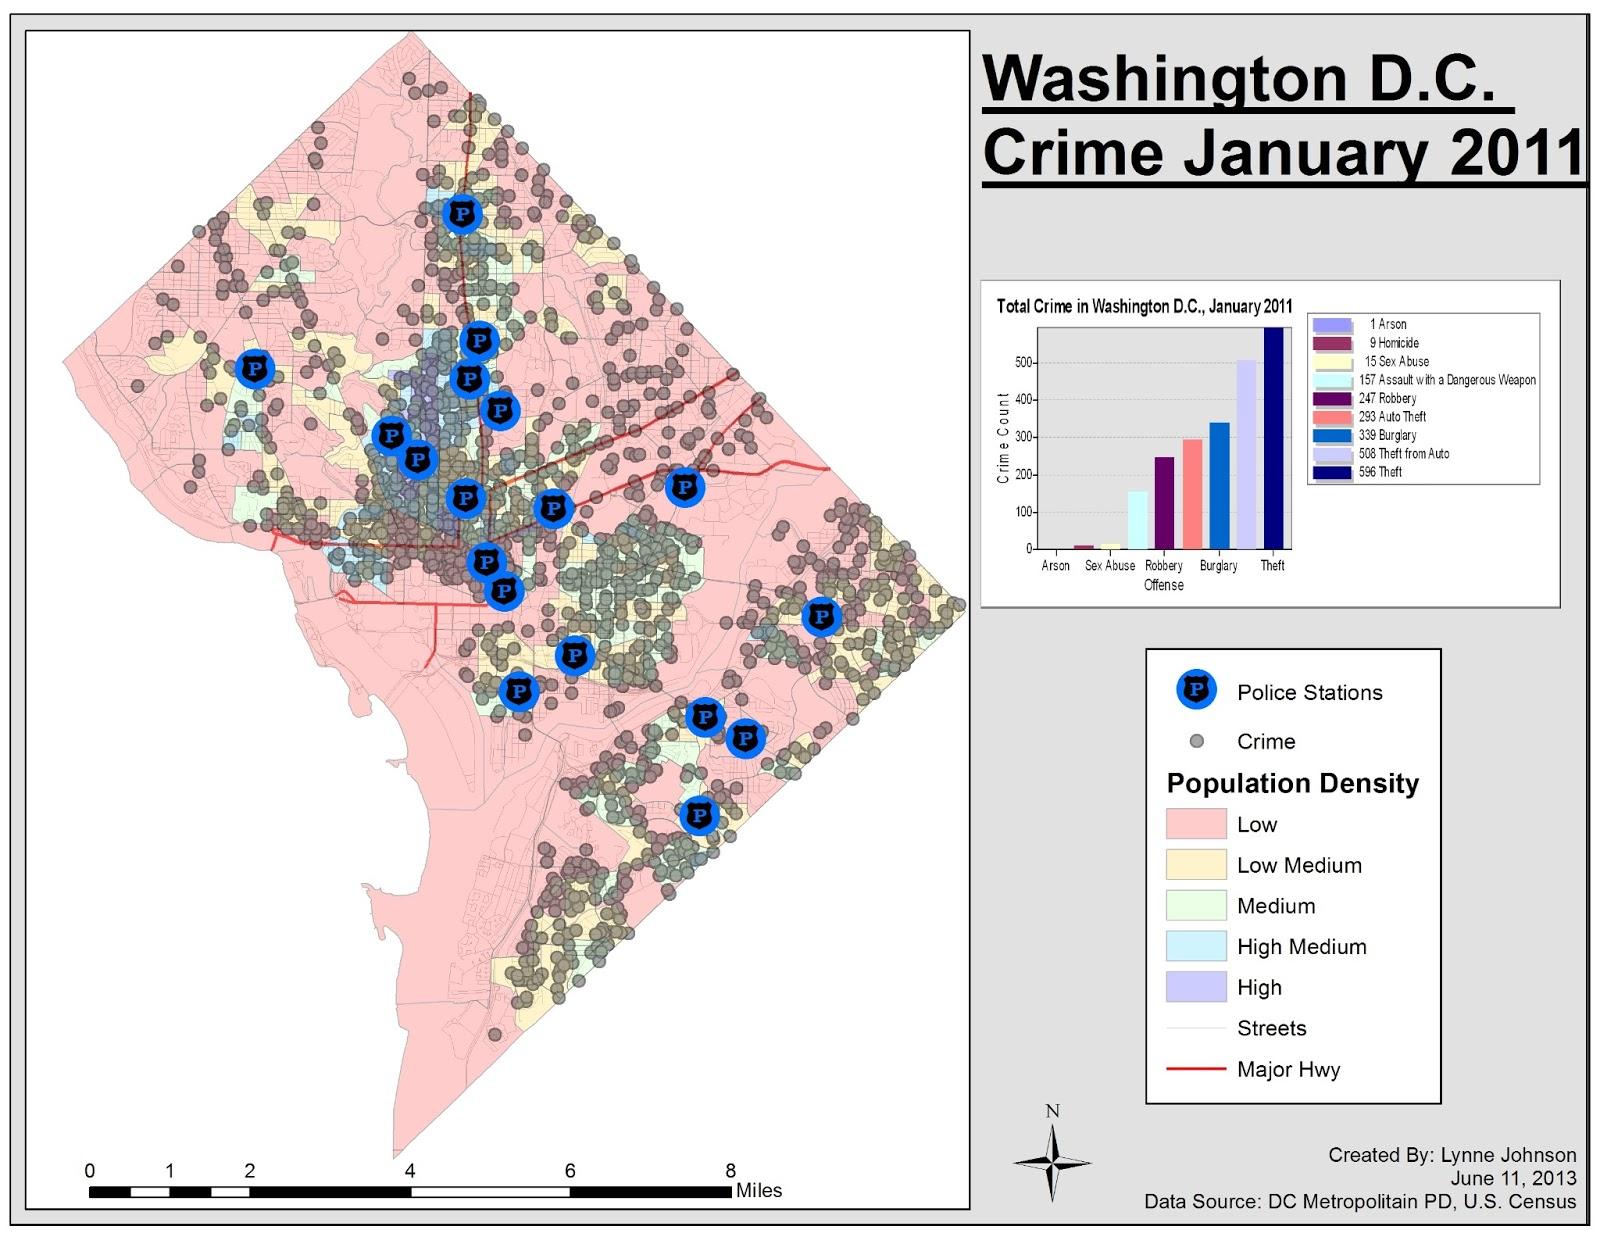 GIS Blog: Applications in GIS, Lab 5: HLS - Washington D.C. Crime on